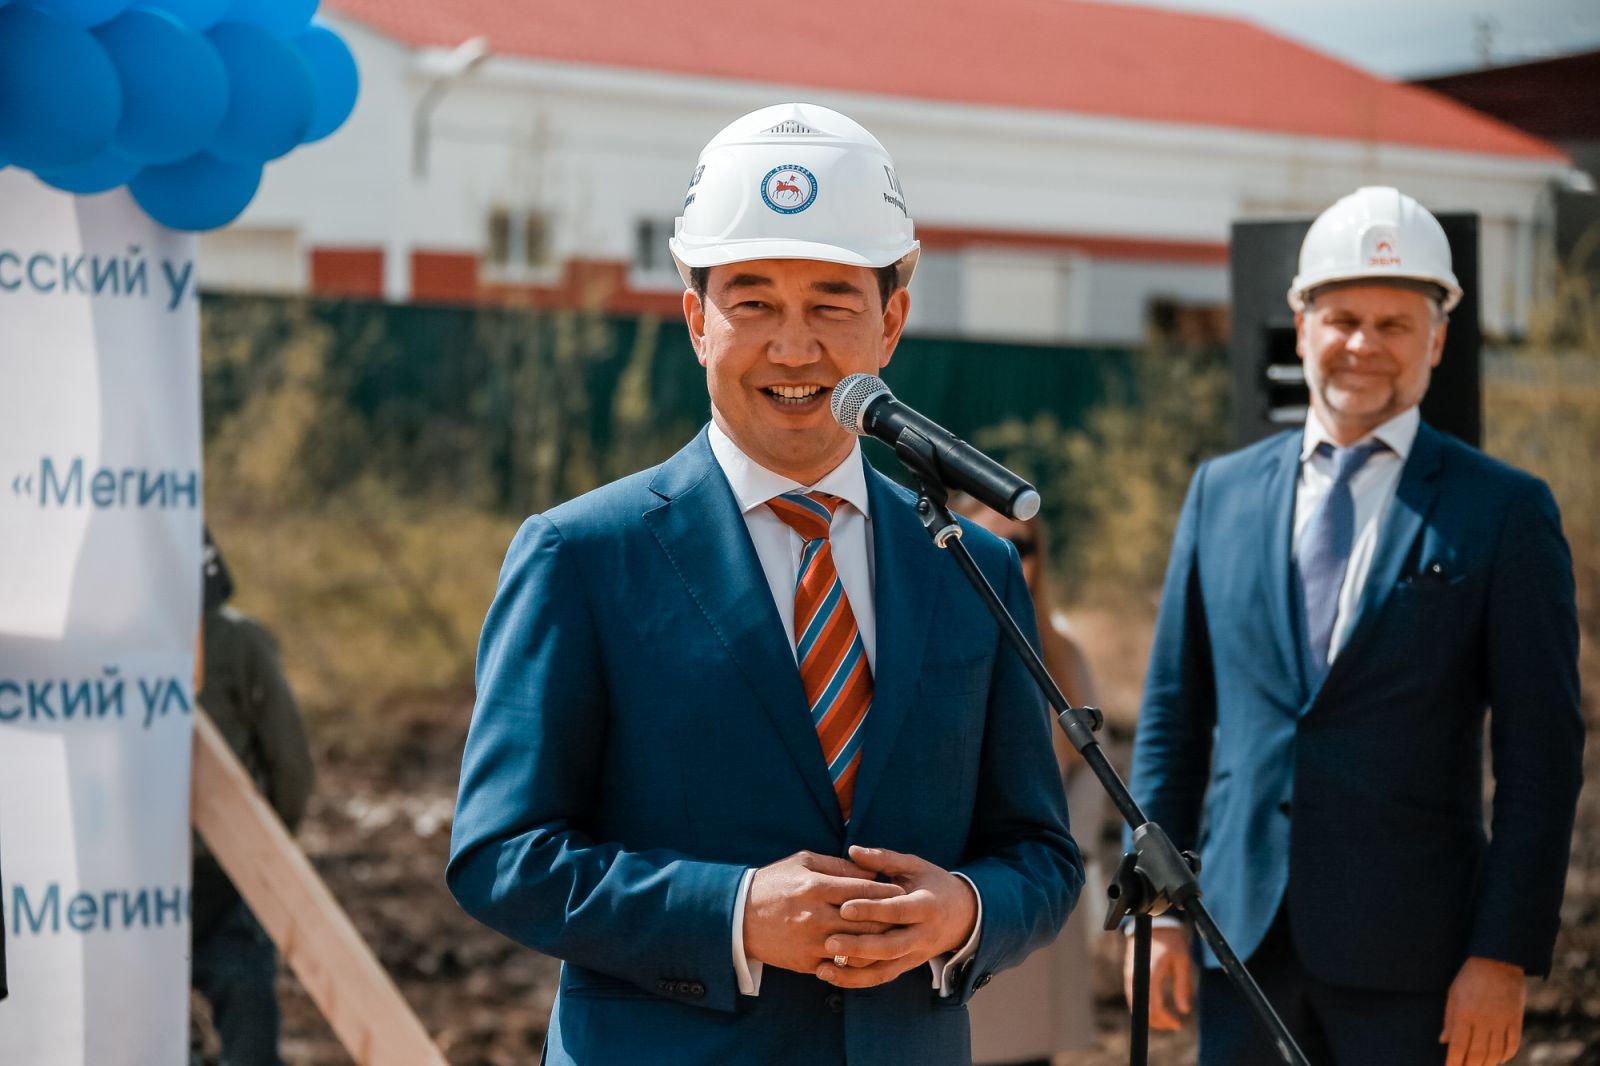 Айсен Николаев дал старт строительству крупнейшего в сельских районах Якутии спорткомплекса